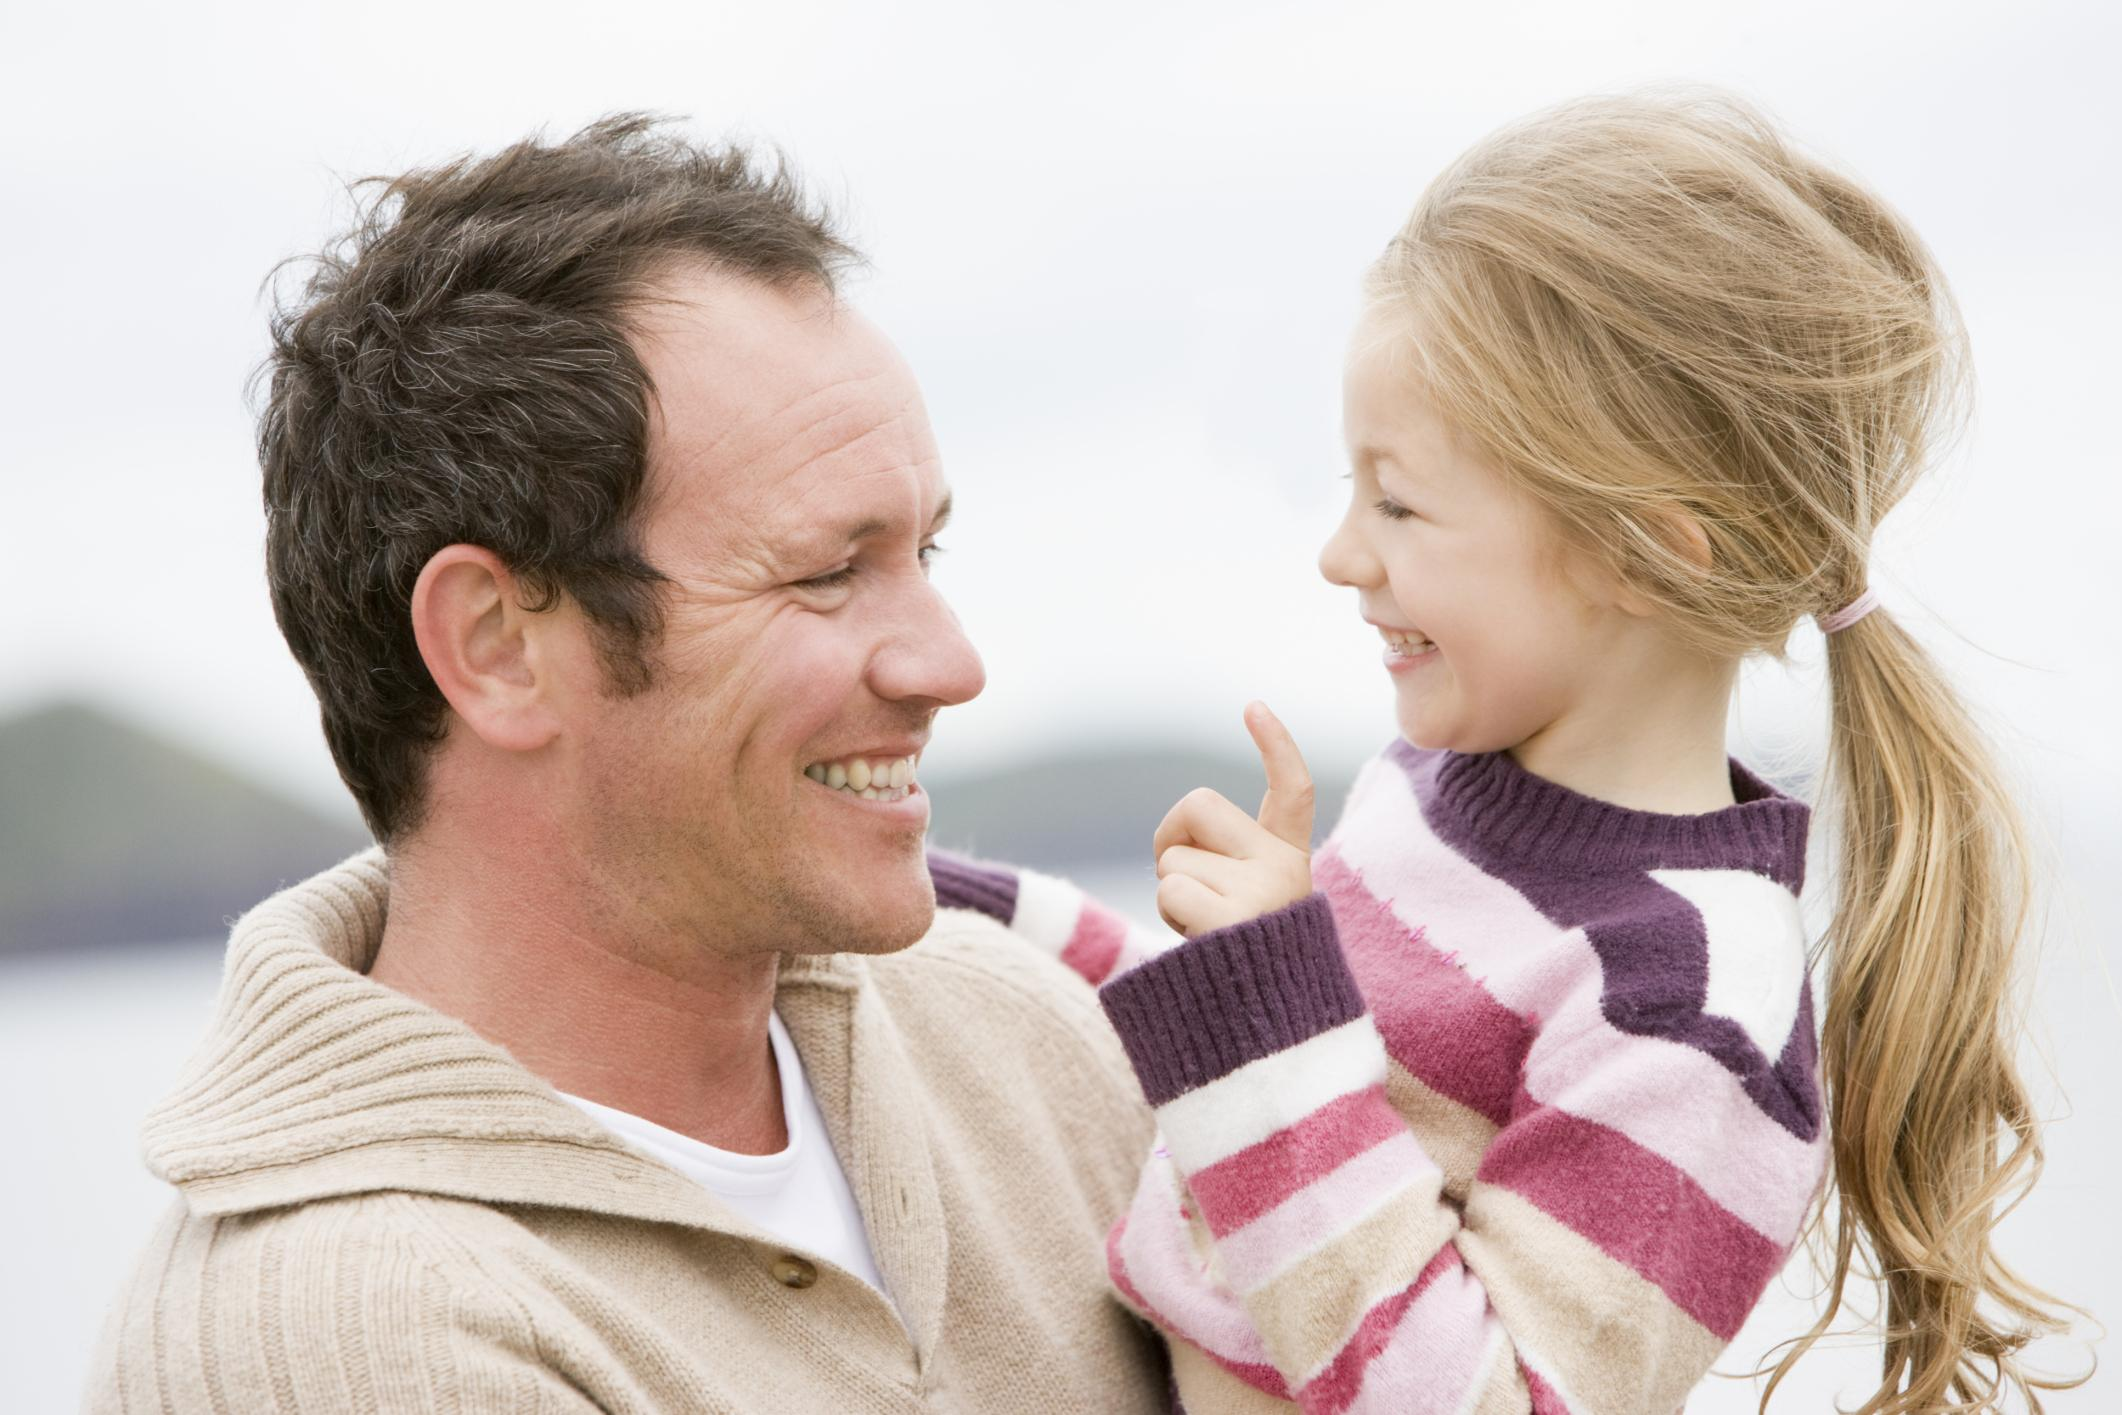 Фото дочери с отцом смотрит 23 фотография